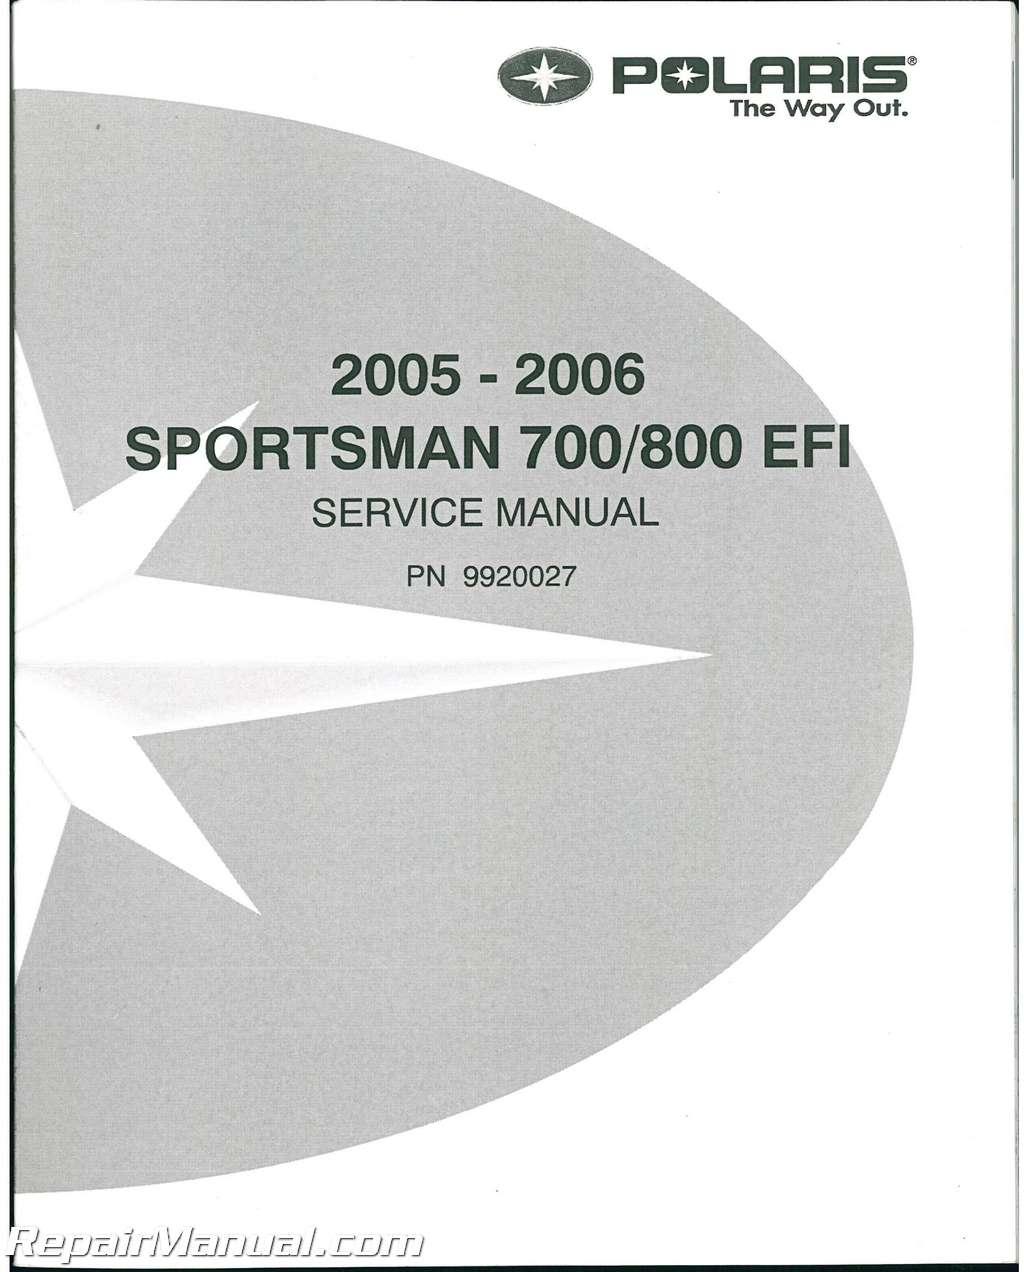 2007 polaris sportsman 800 efi service repair manual.